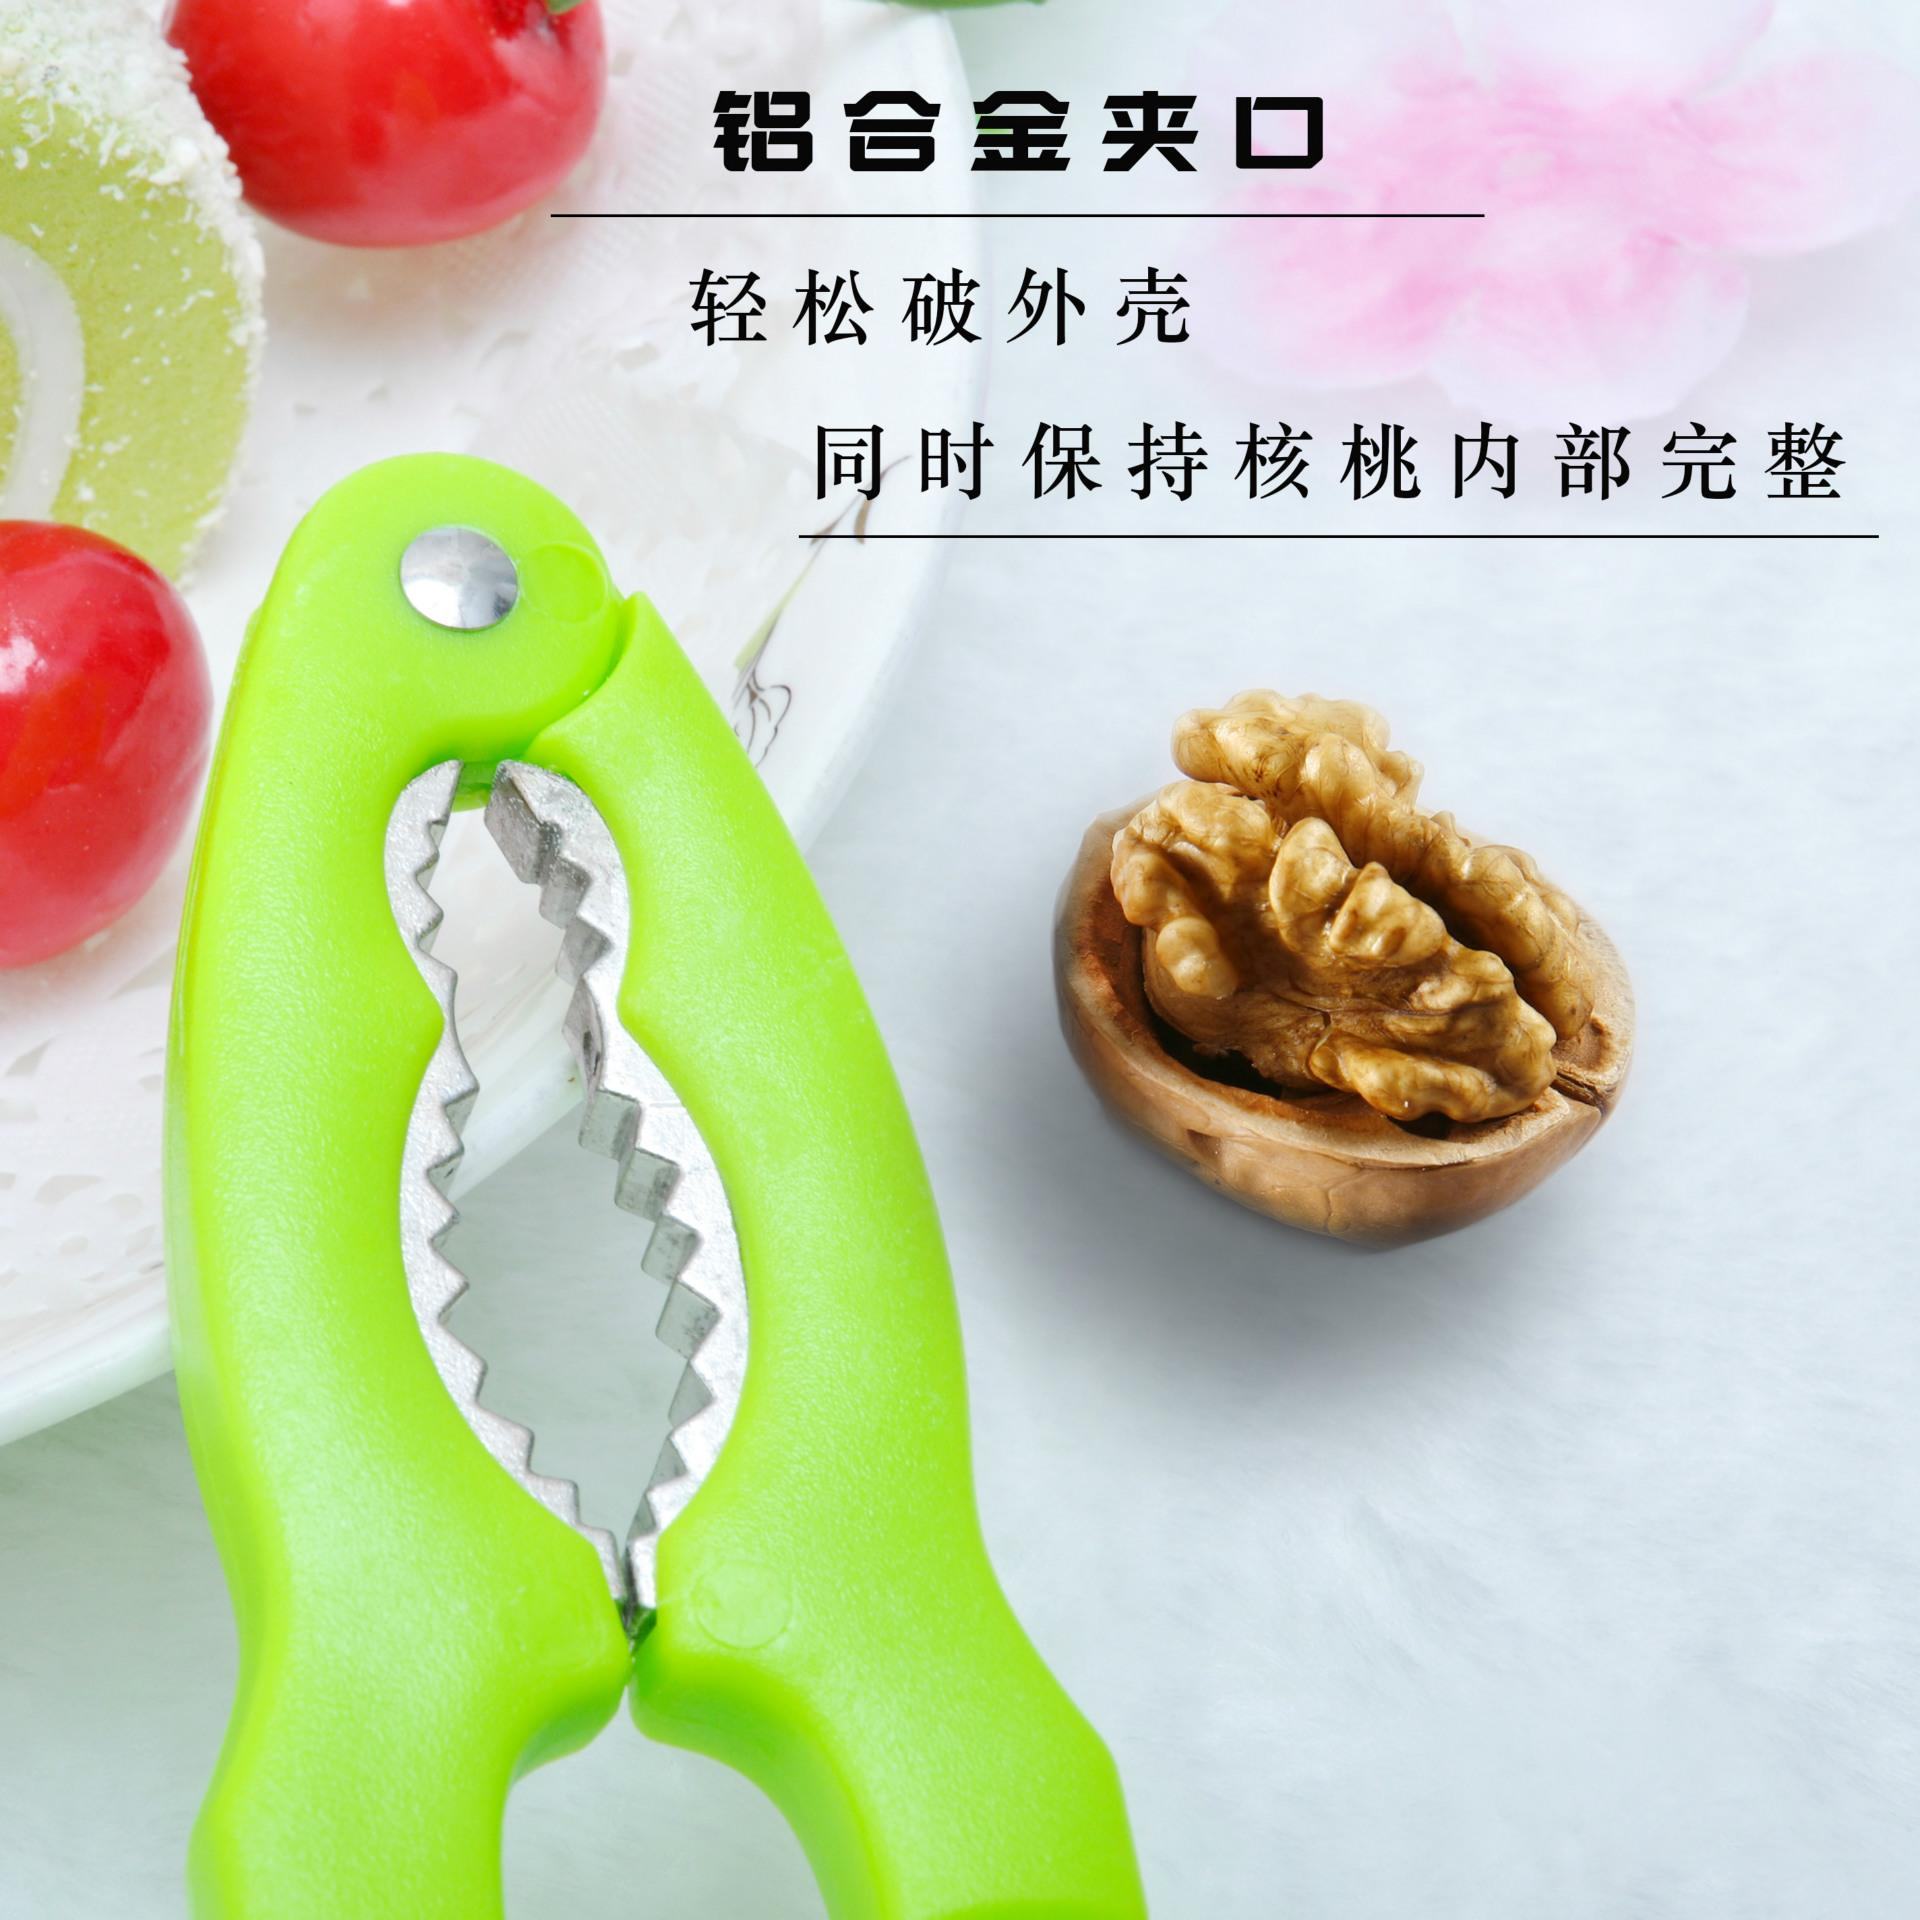 Fabricantes que vendem plástico clipe de noz de aço inoxidável clipe de caranguejo porcas clipe gadget de cozinha criativa